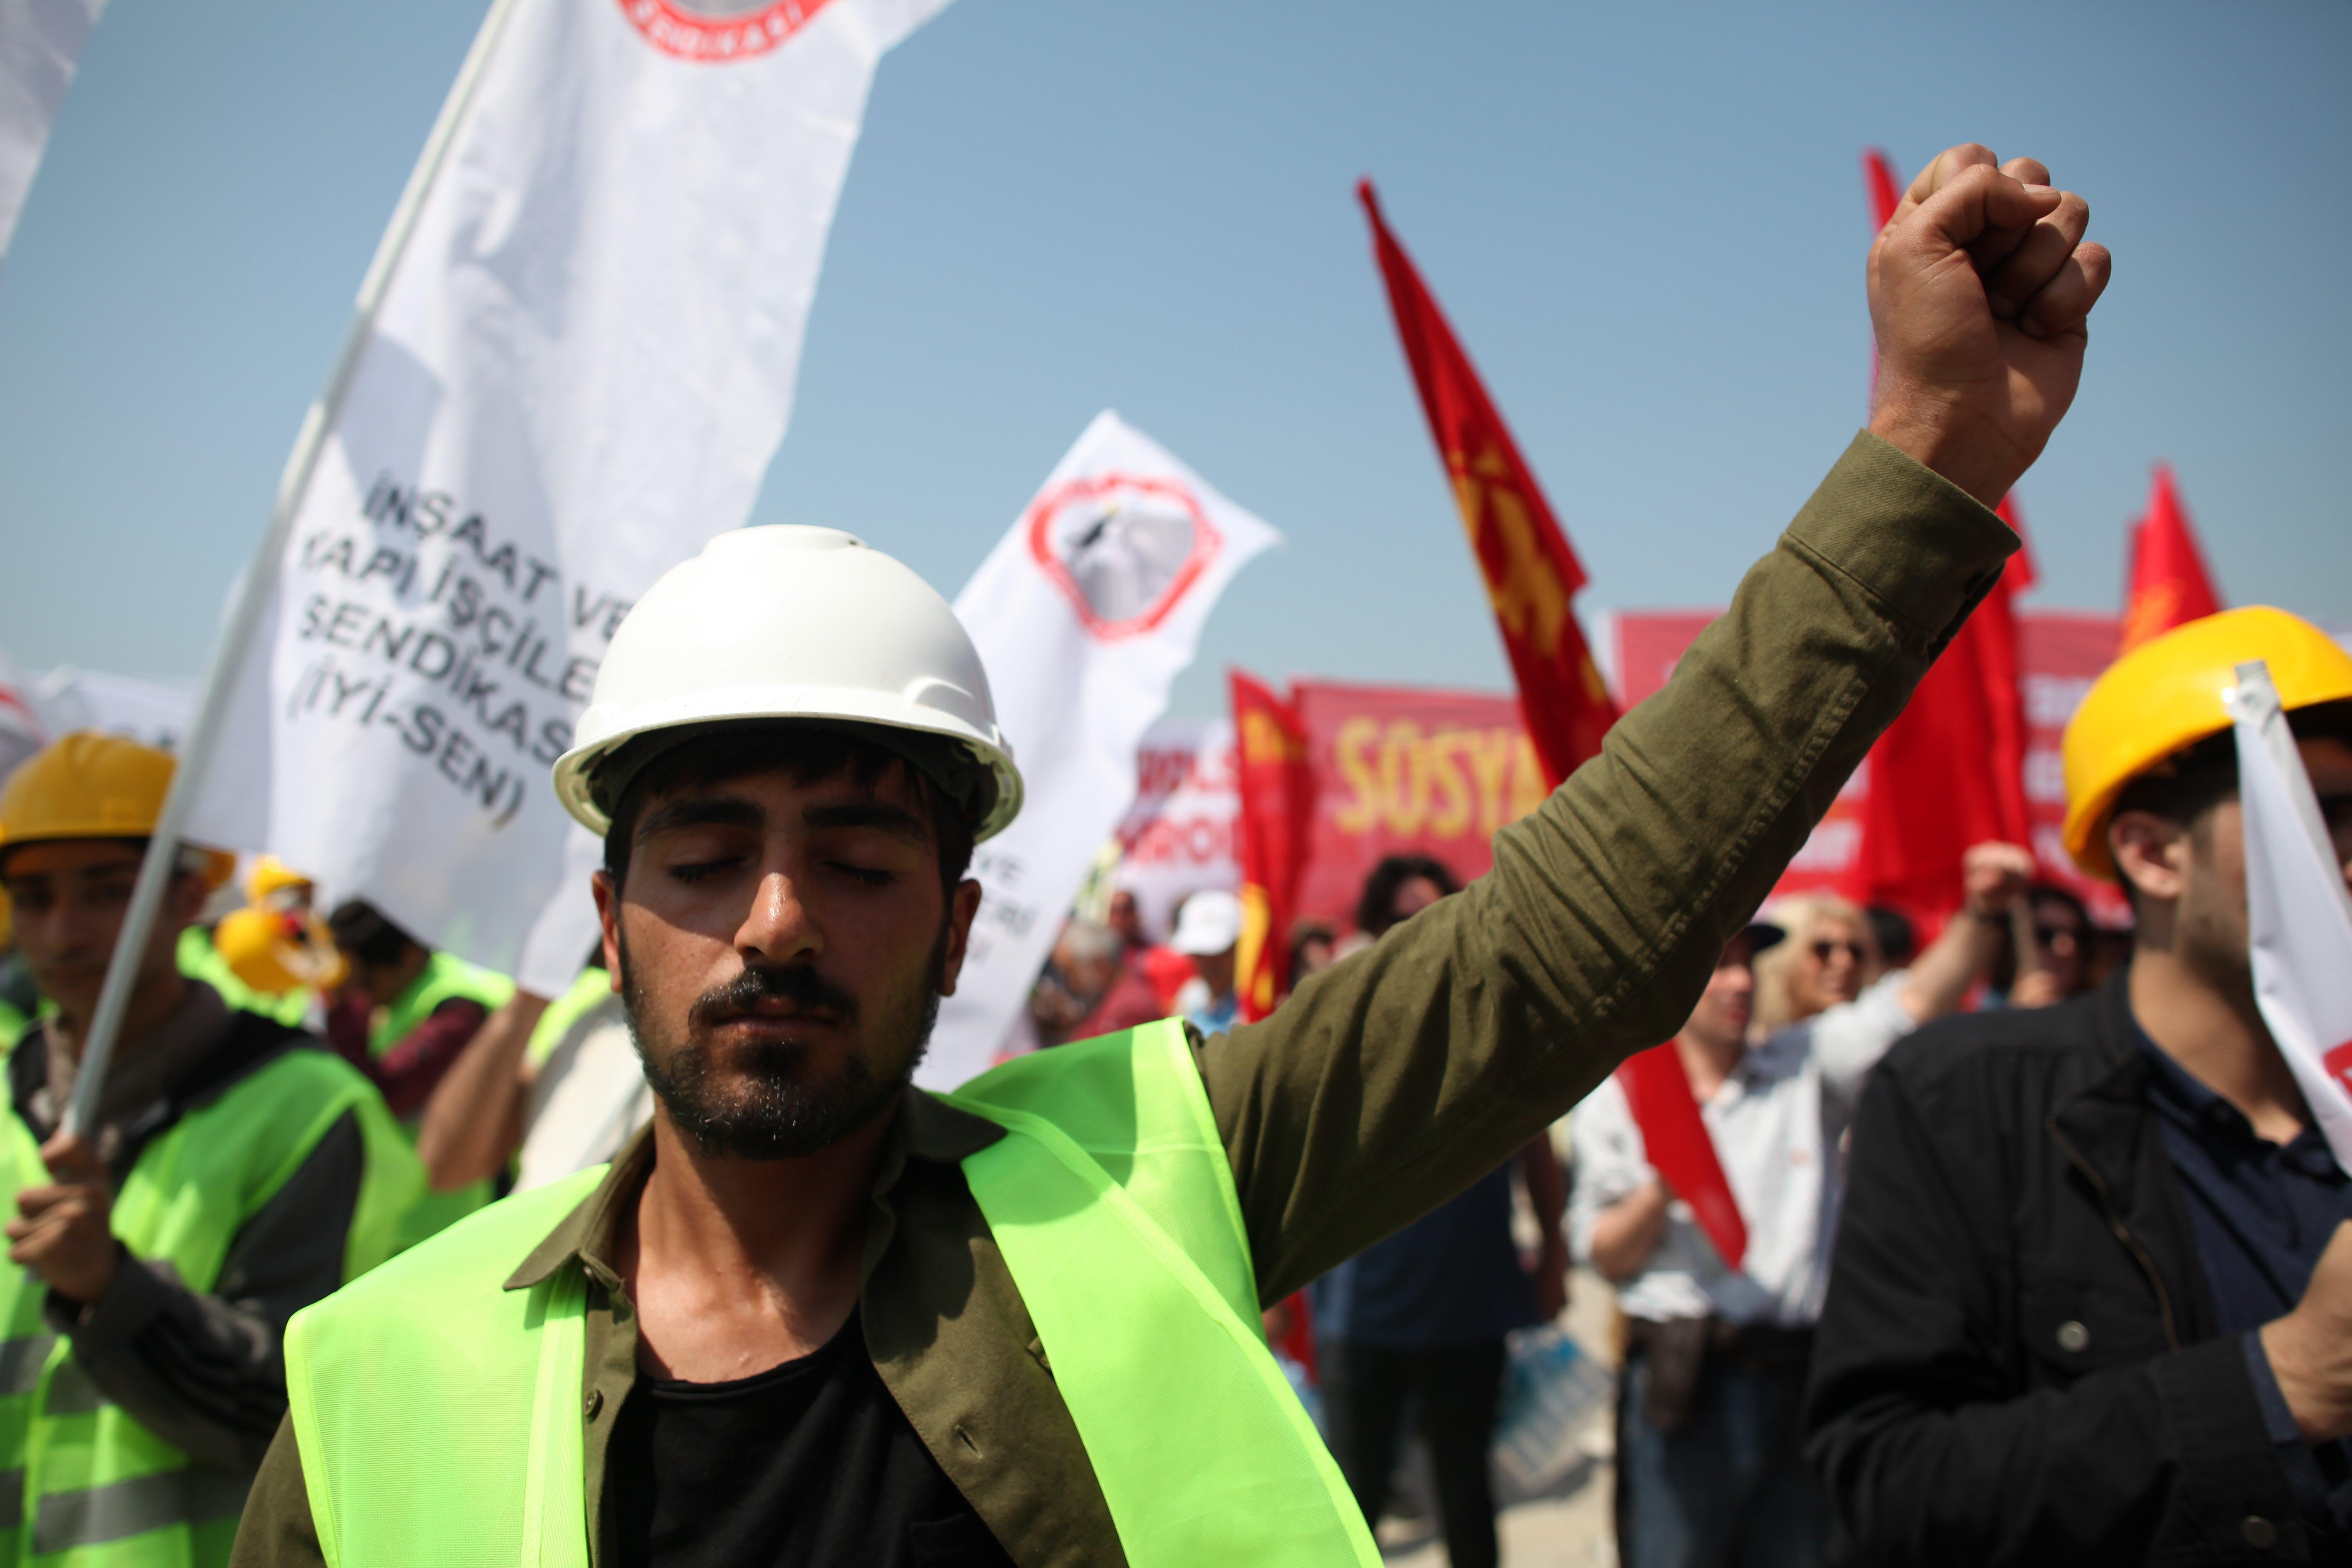 Radnici prosvjedovali diljem svijeta tražeći veća prava